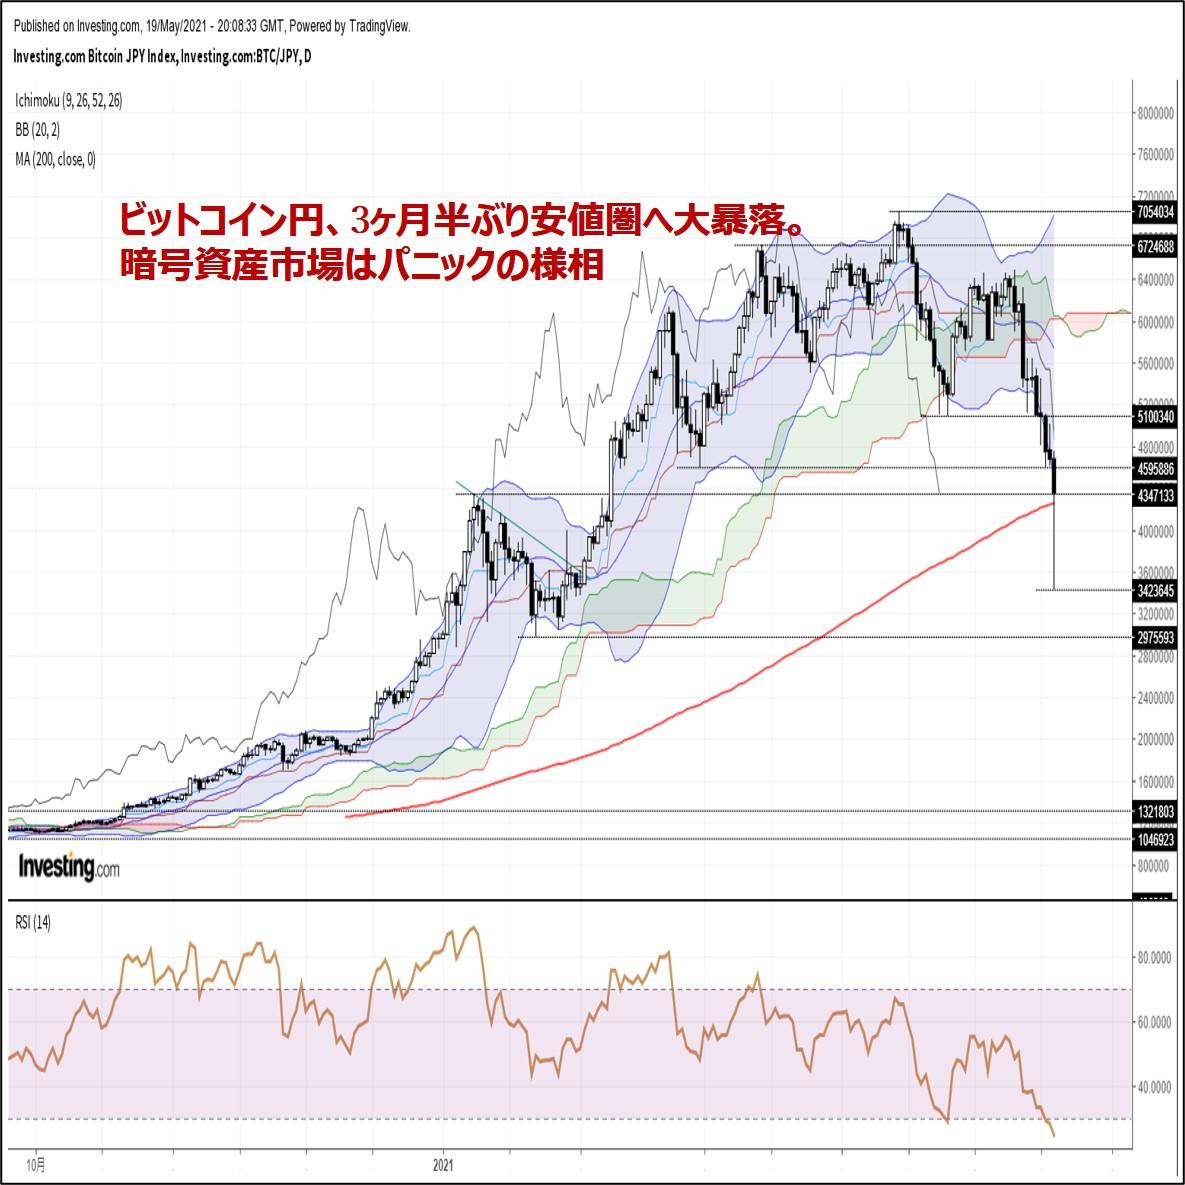 ビットコイン円、3ヶ月半ぶり安値圏へ大暴落。暗号資産市場はパニックの様相(5/20朝)